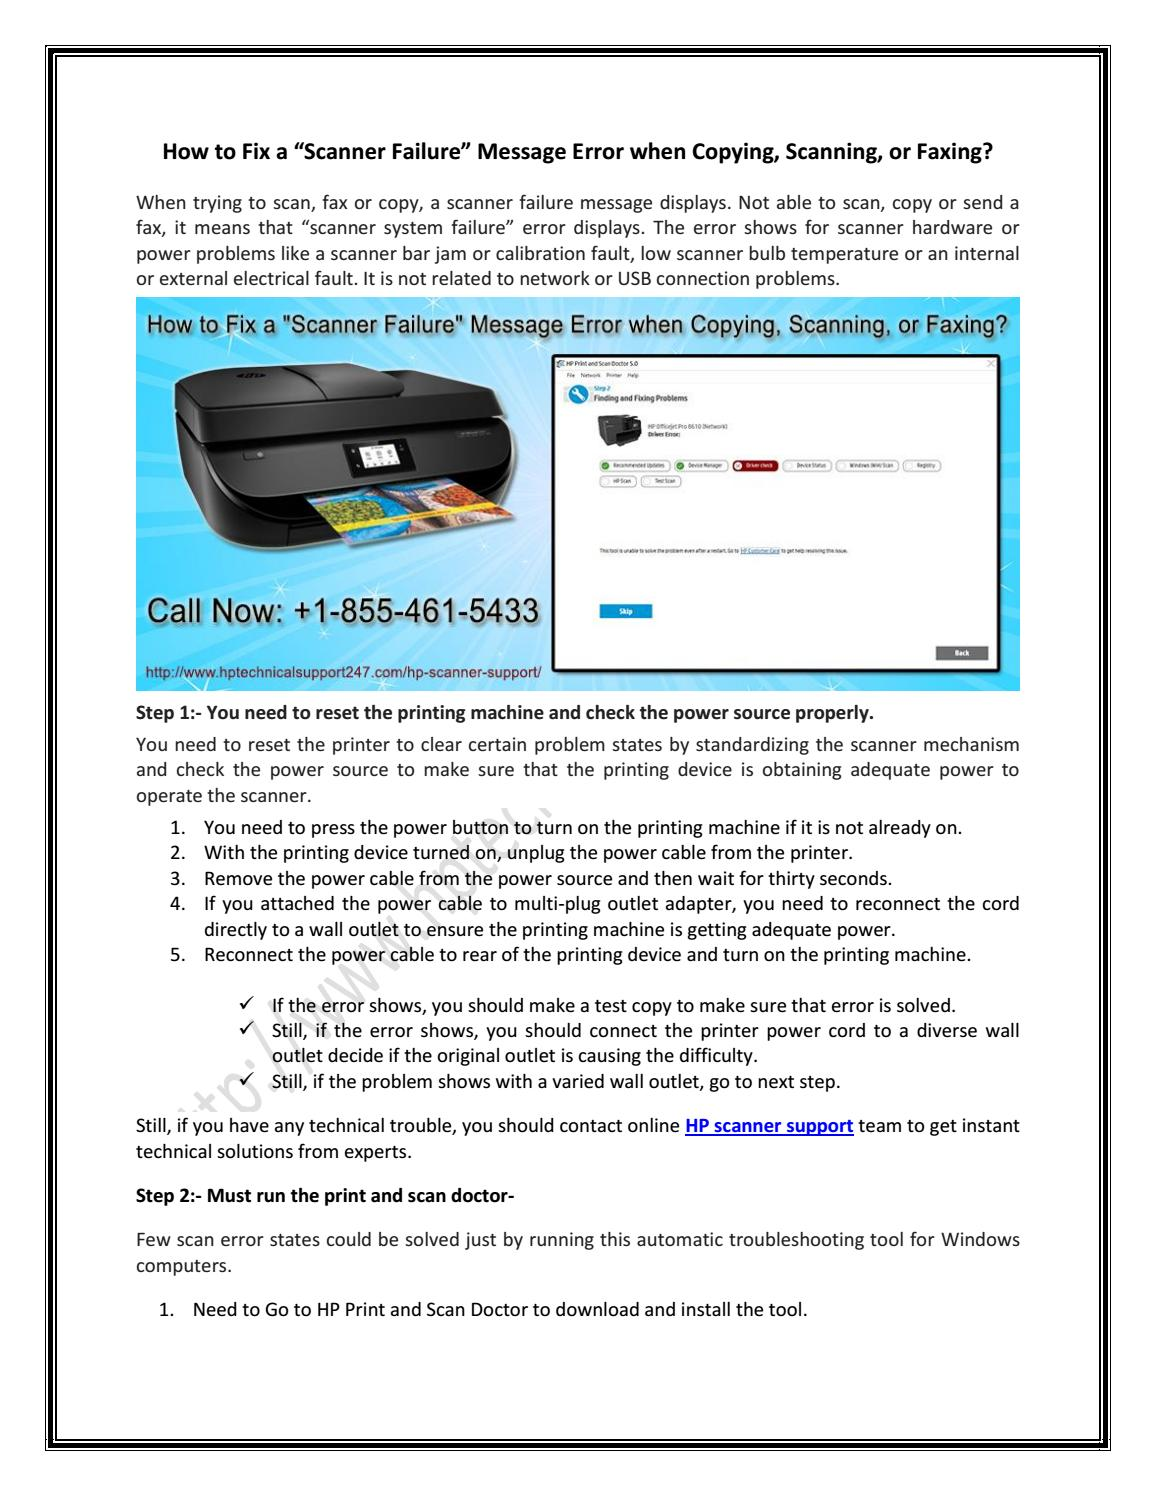 download hp printer scanner doctor